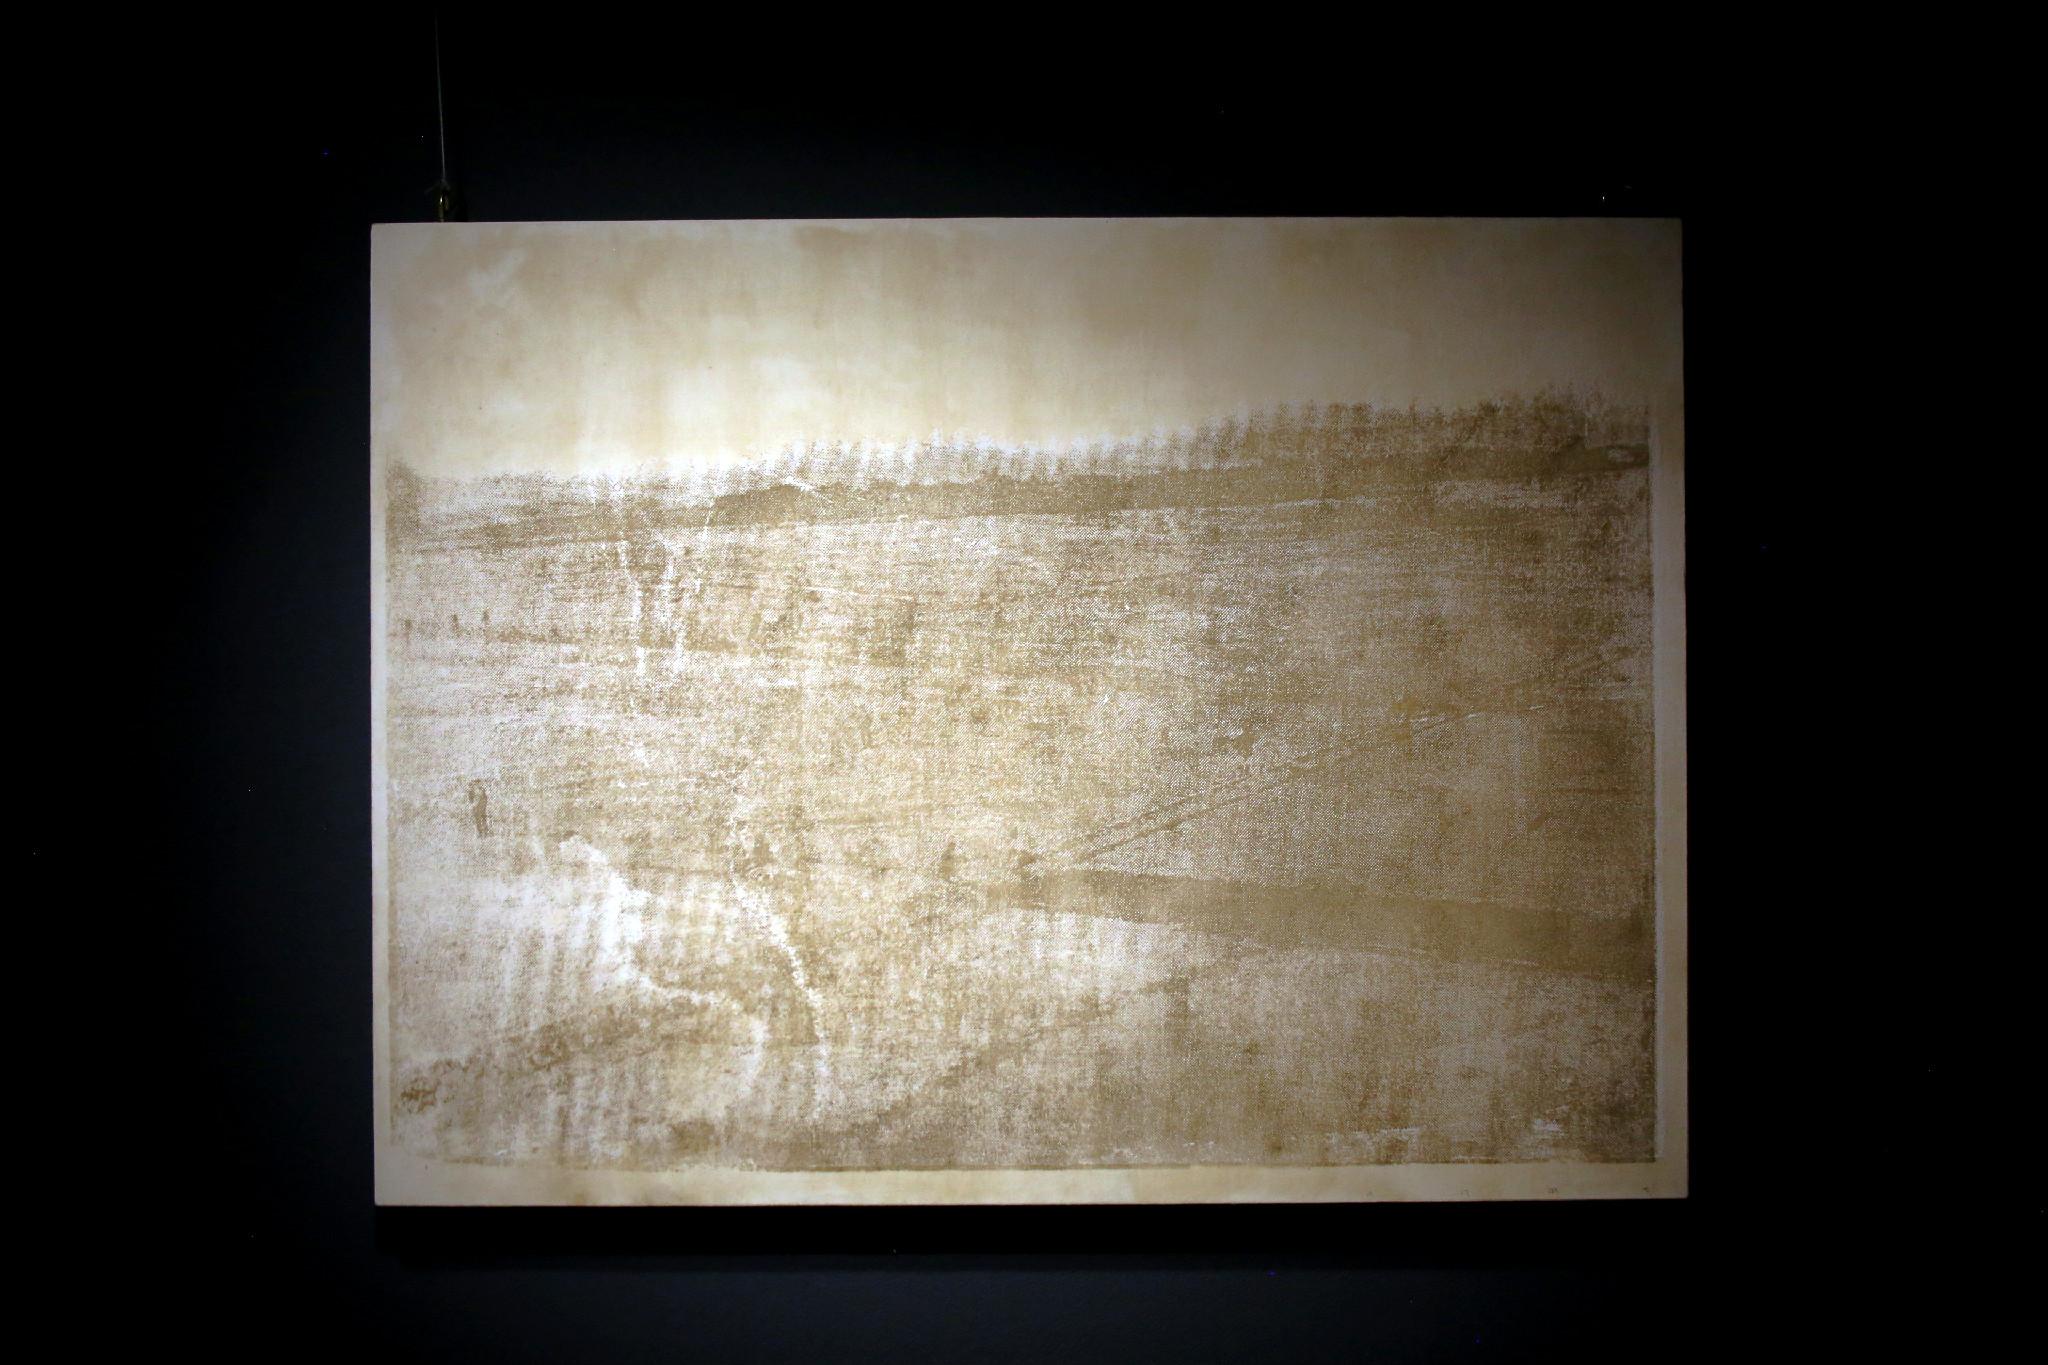 明治39年(1906)の耕地整理時の画像を黄麹胞子で浮かび上がらせる